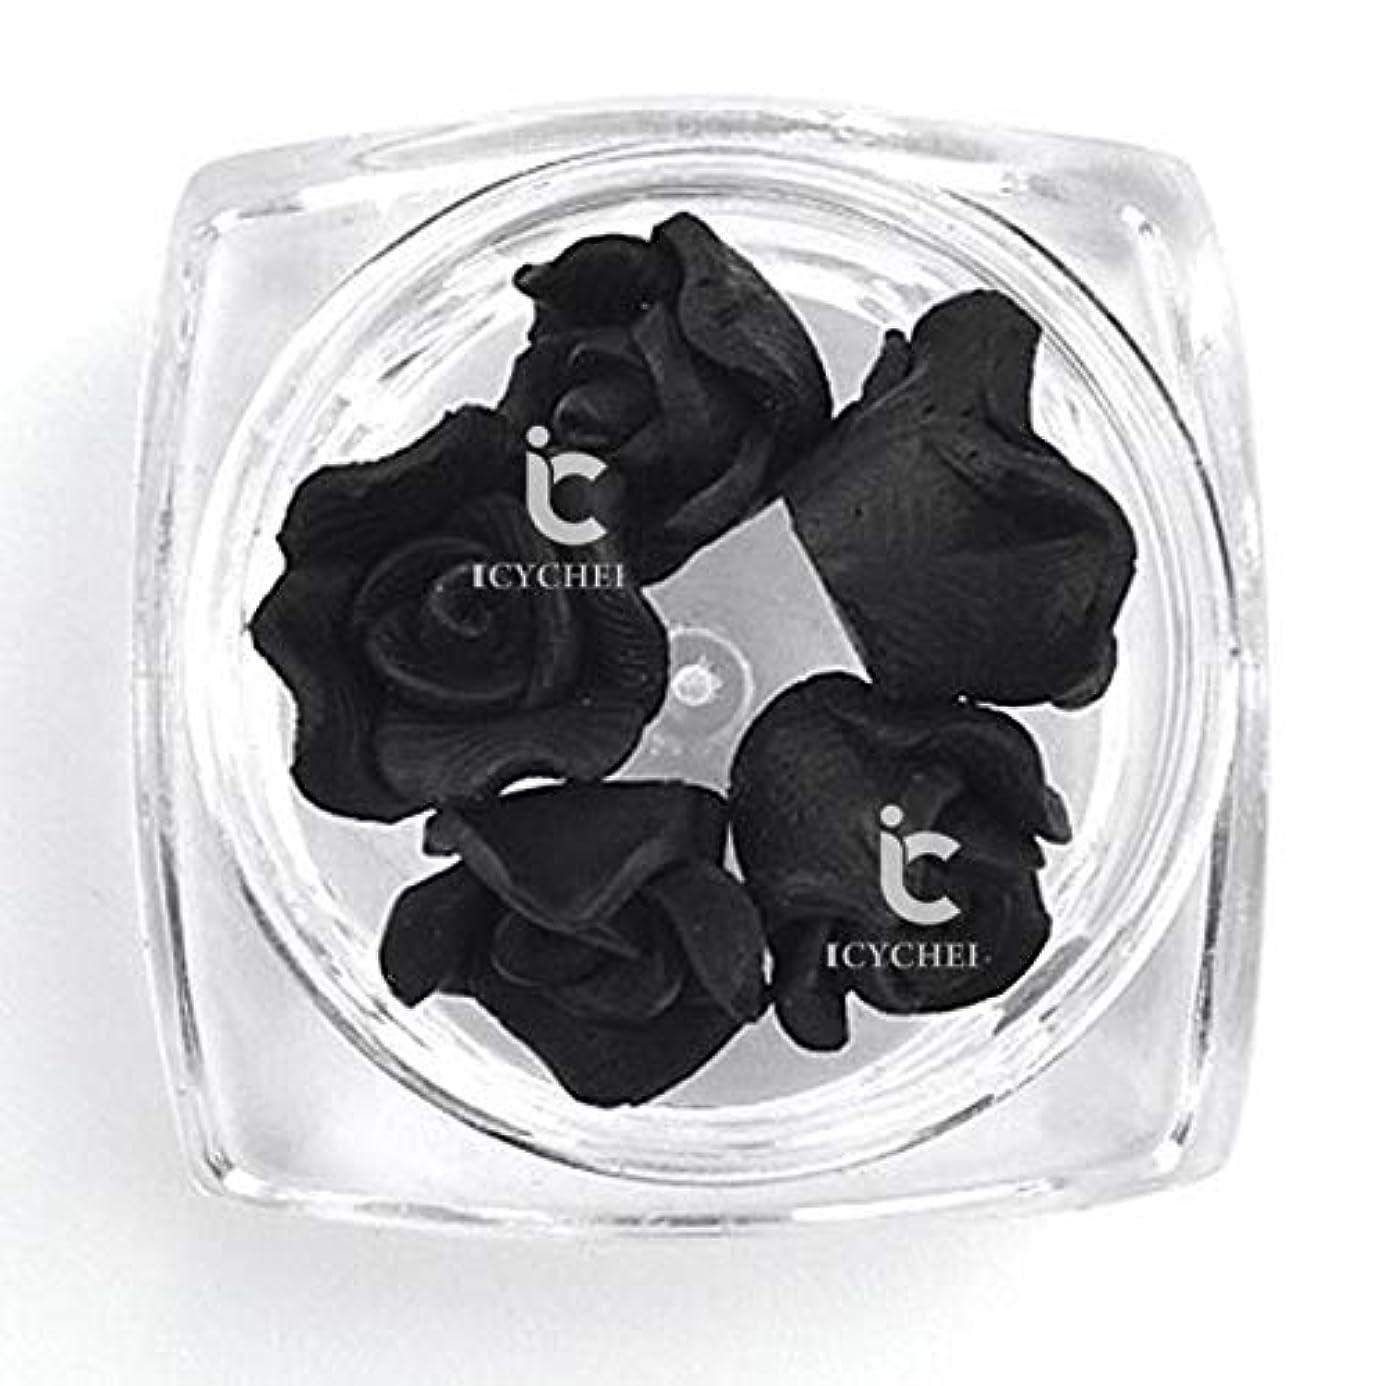 実験室伝記中央値ICYCHEER 3D ネイルアートアクリルローズフラワー Diy の装飾スライス Uv ジェルネイルアートのヒント Diy のネイルアート accessoires (Black)